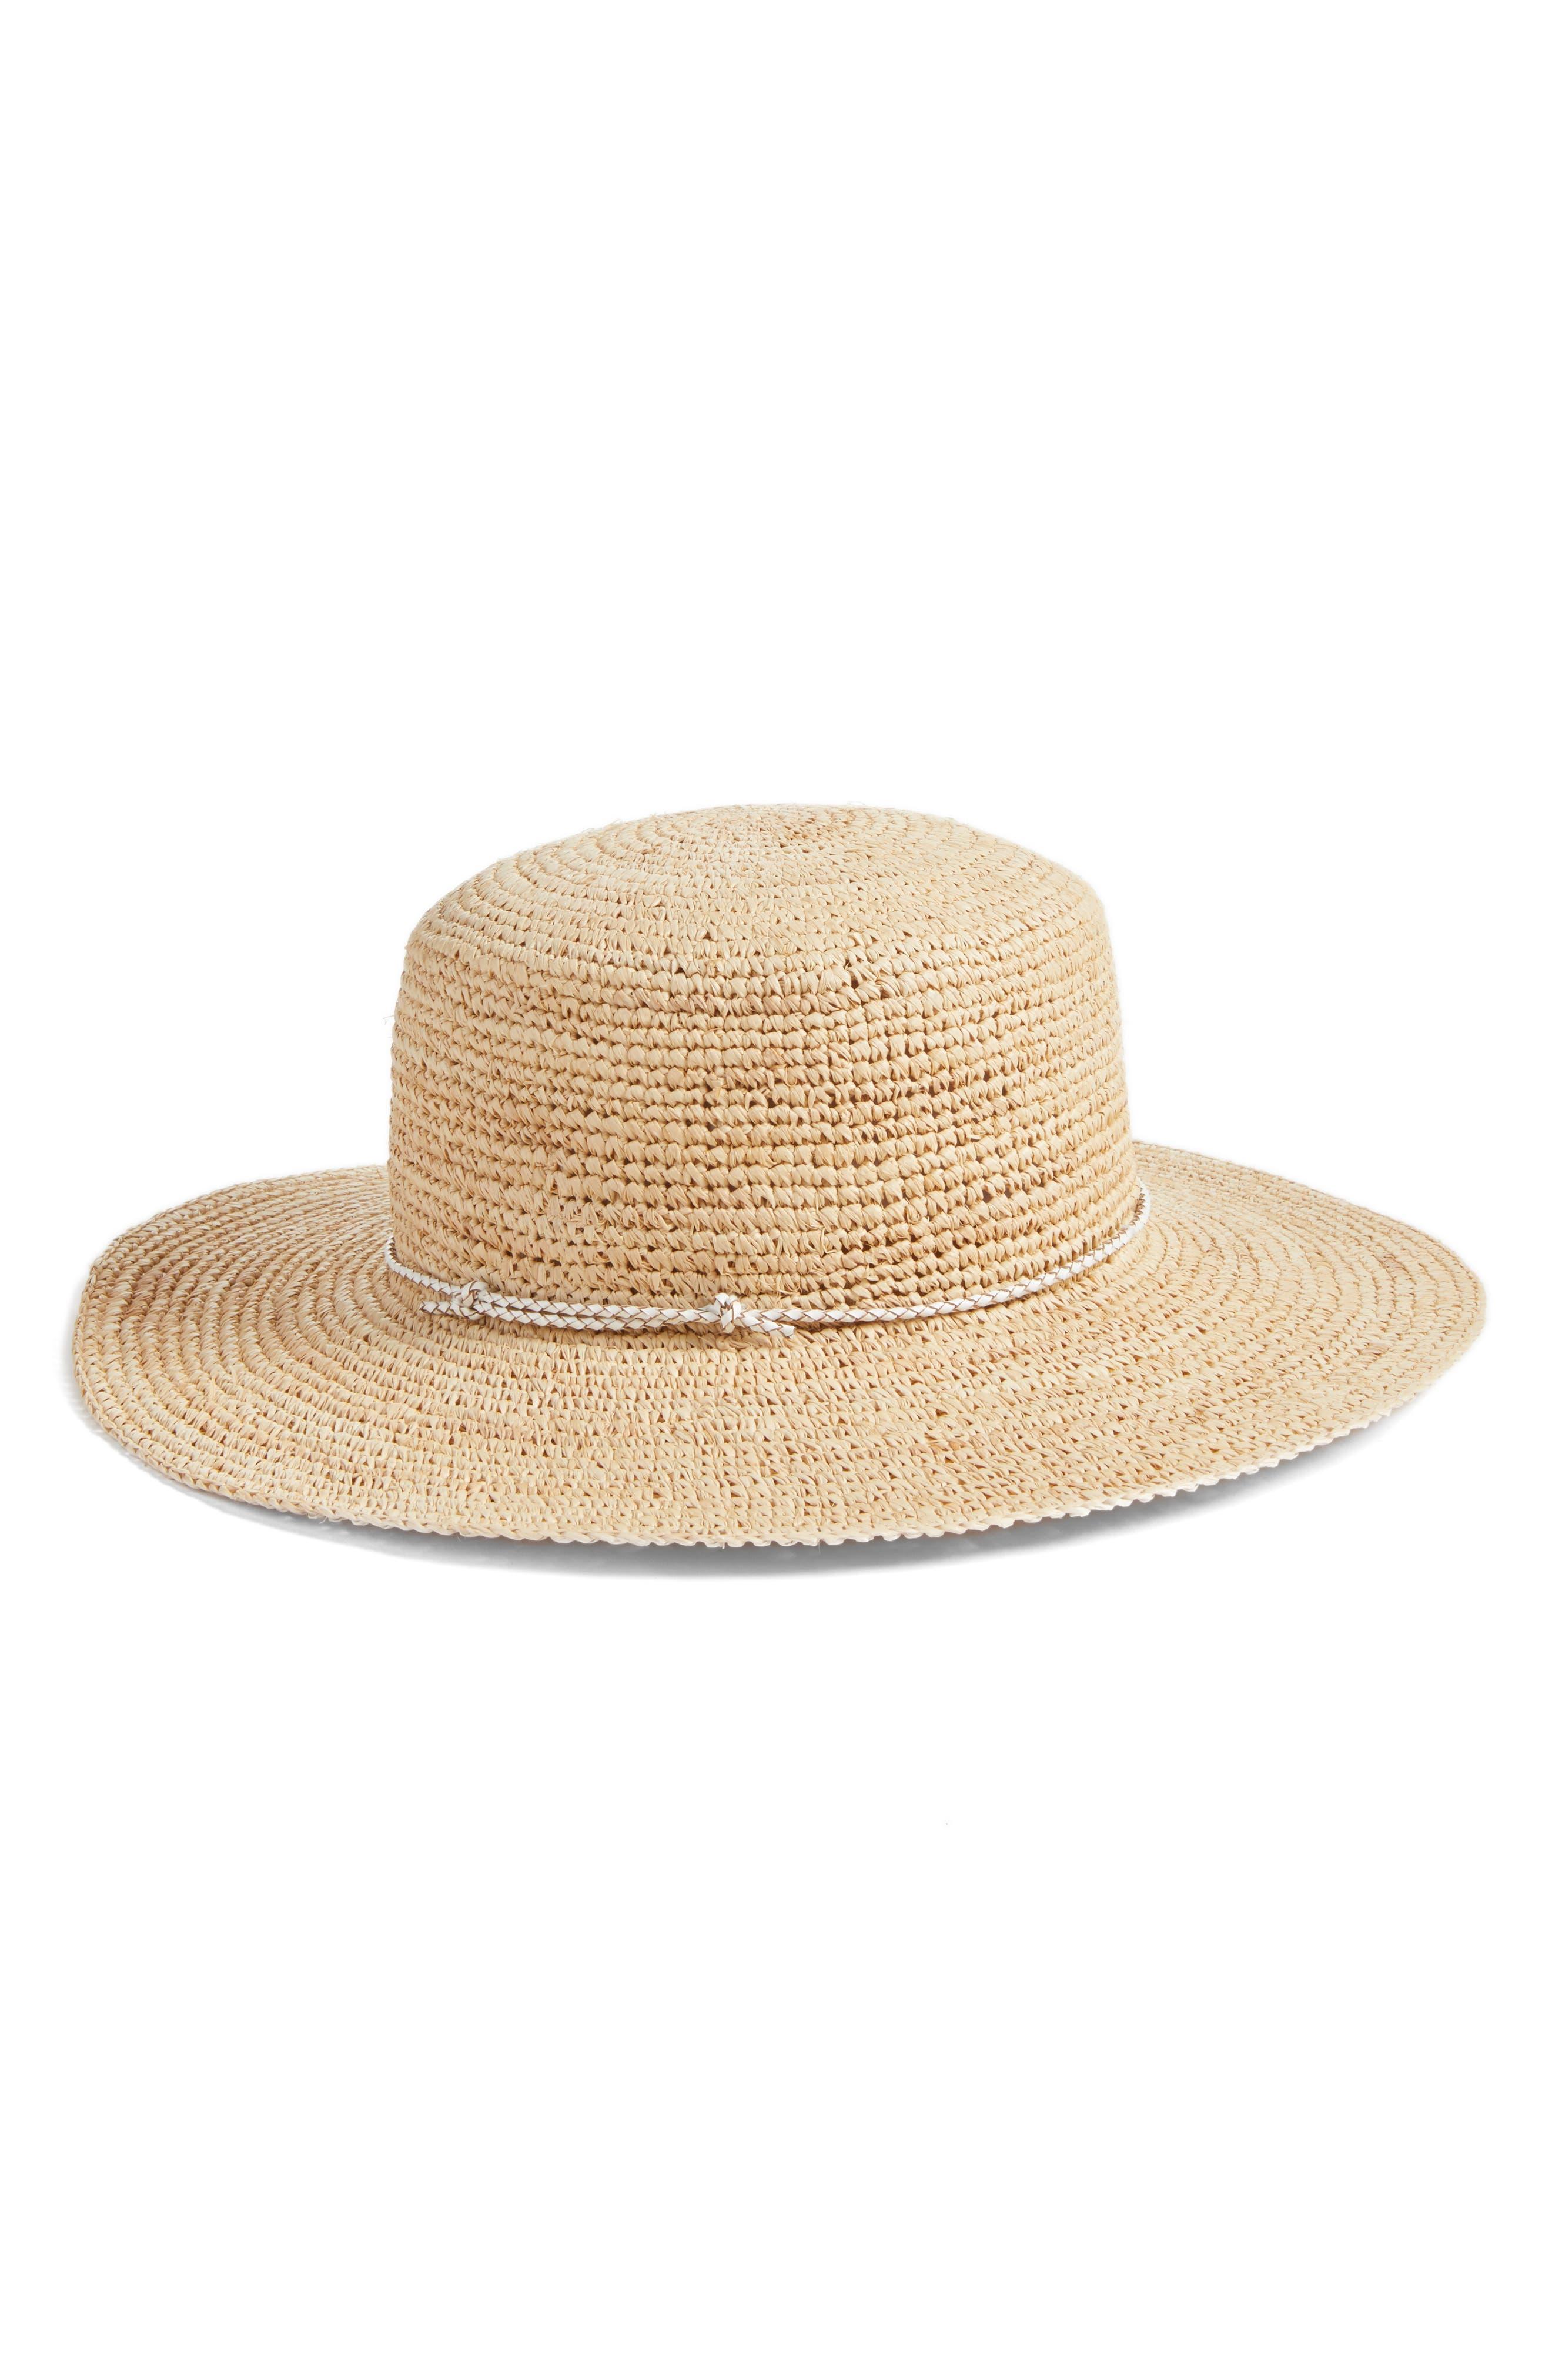 Caslon Packable Raffia Hat